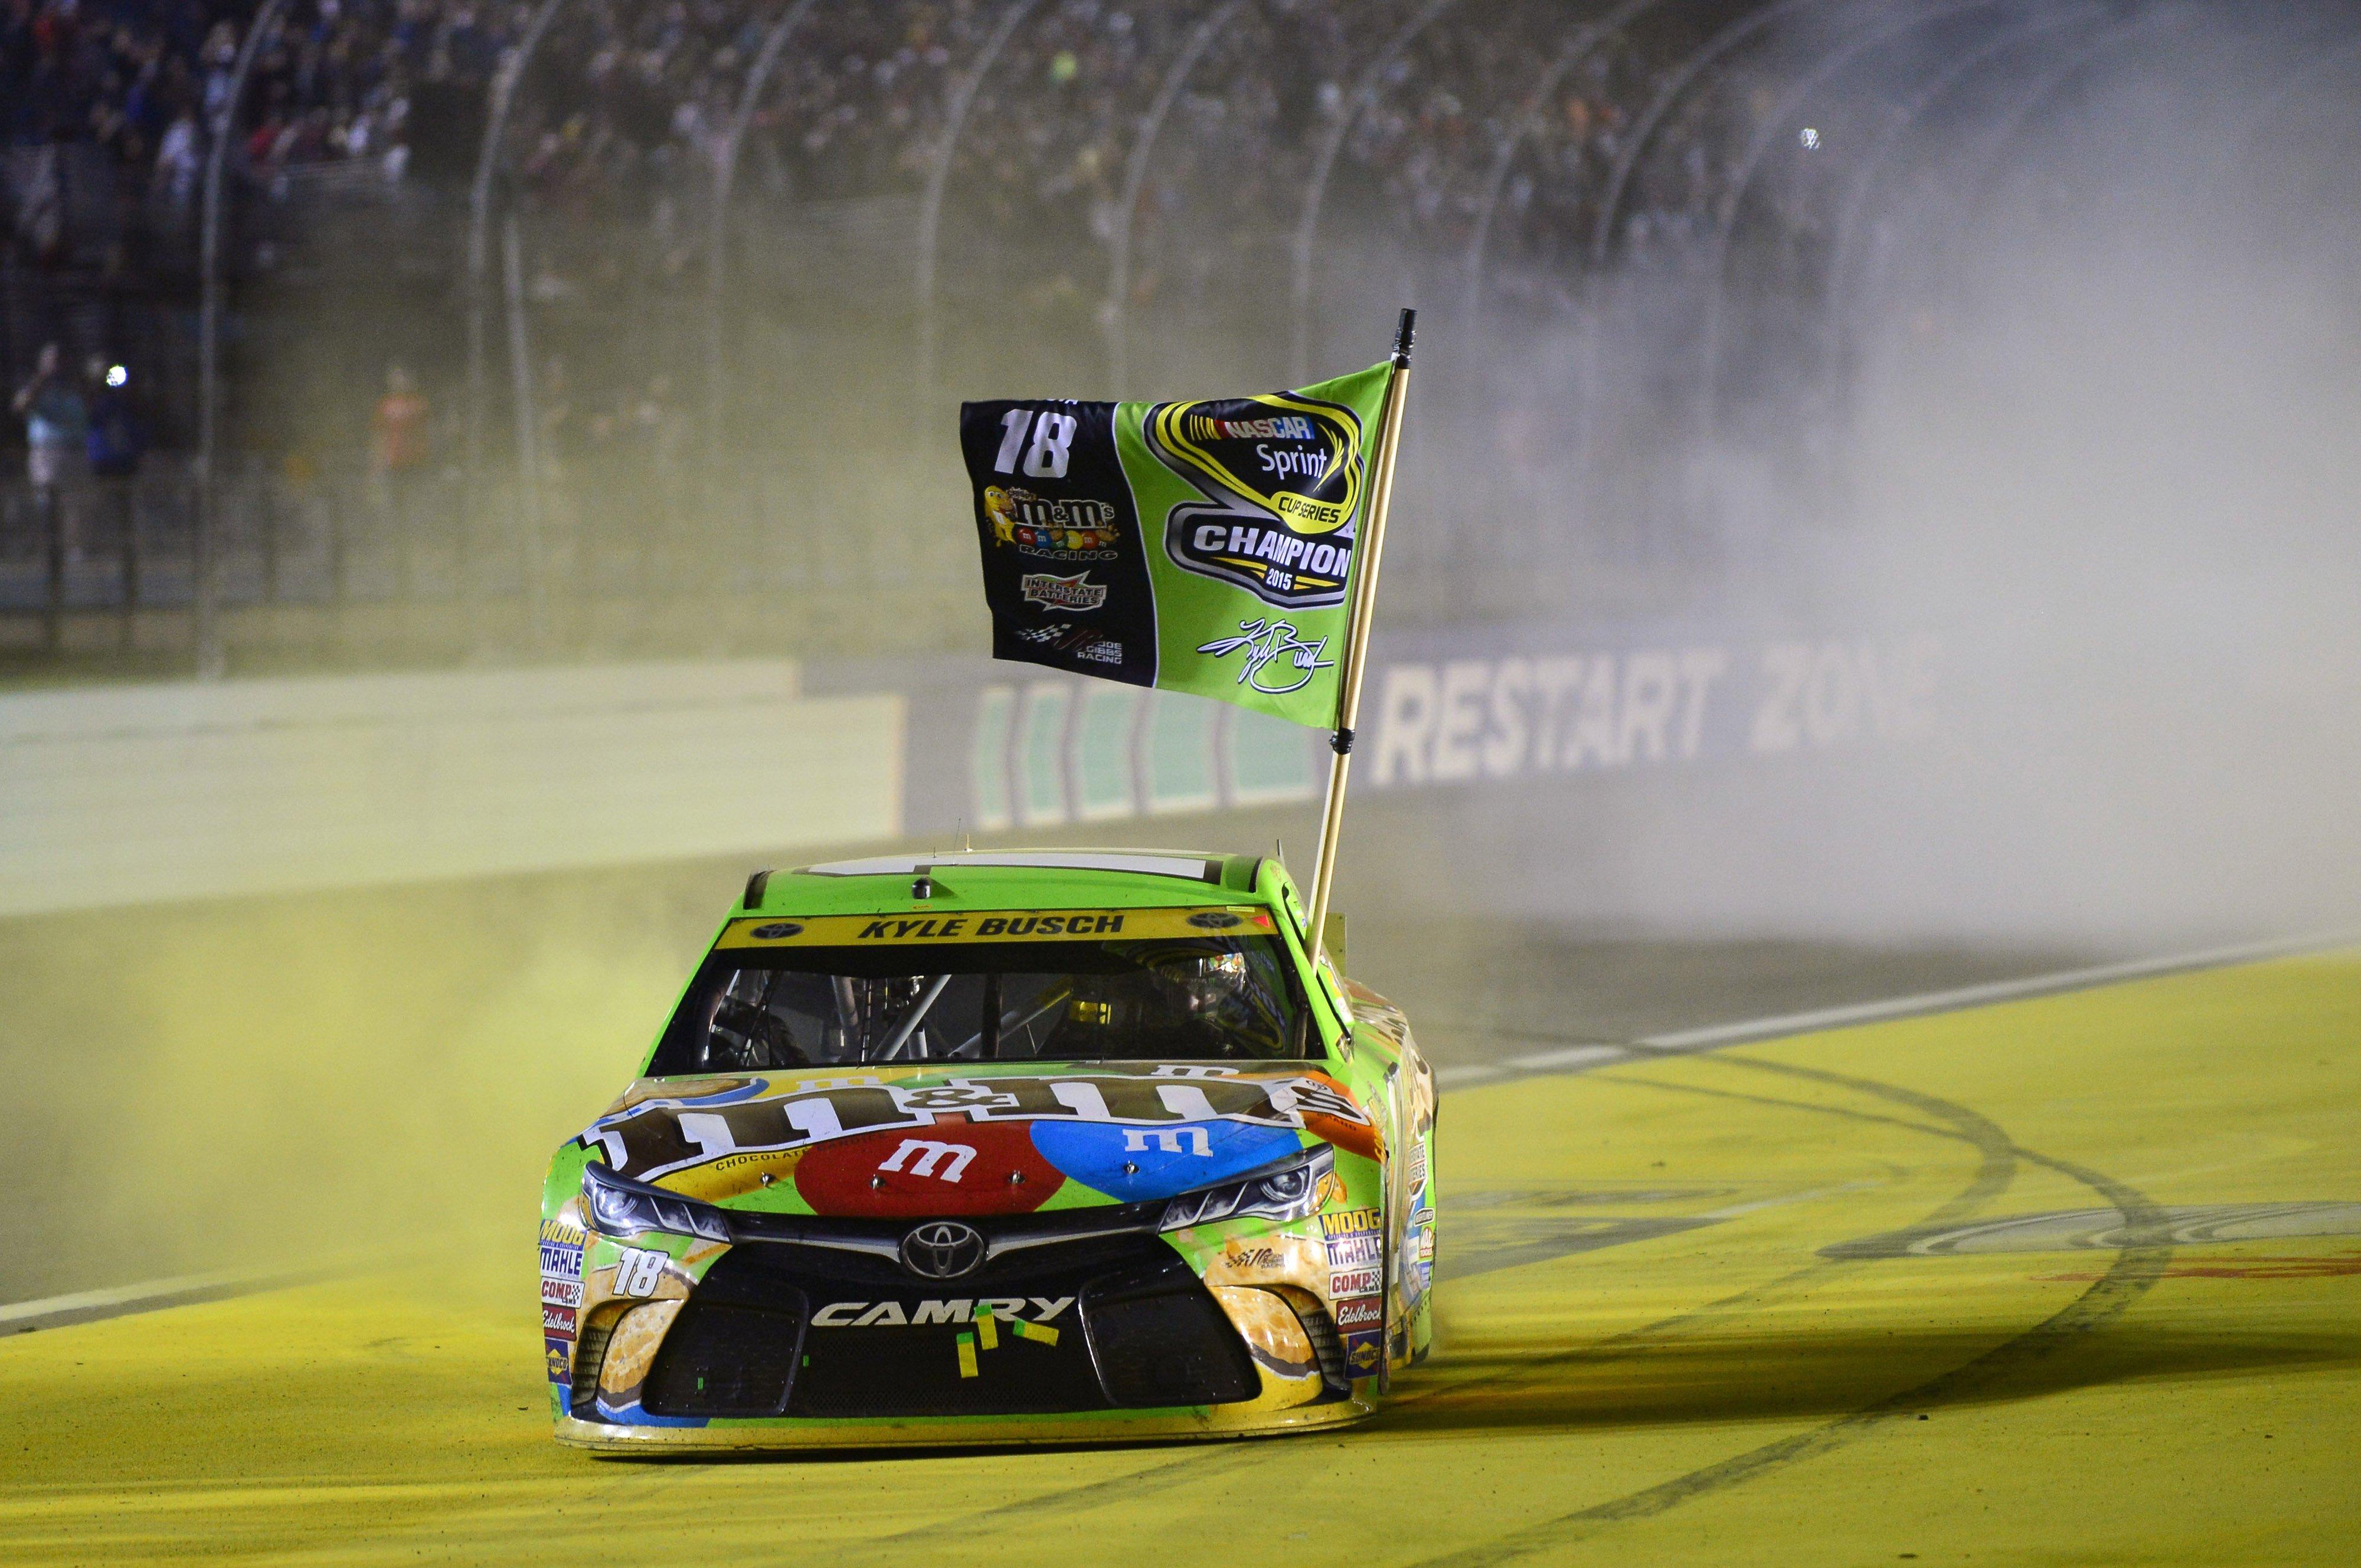 2015 NASCAR Sprint Cup Series, Homestead